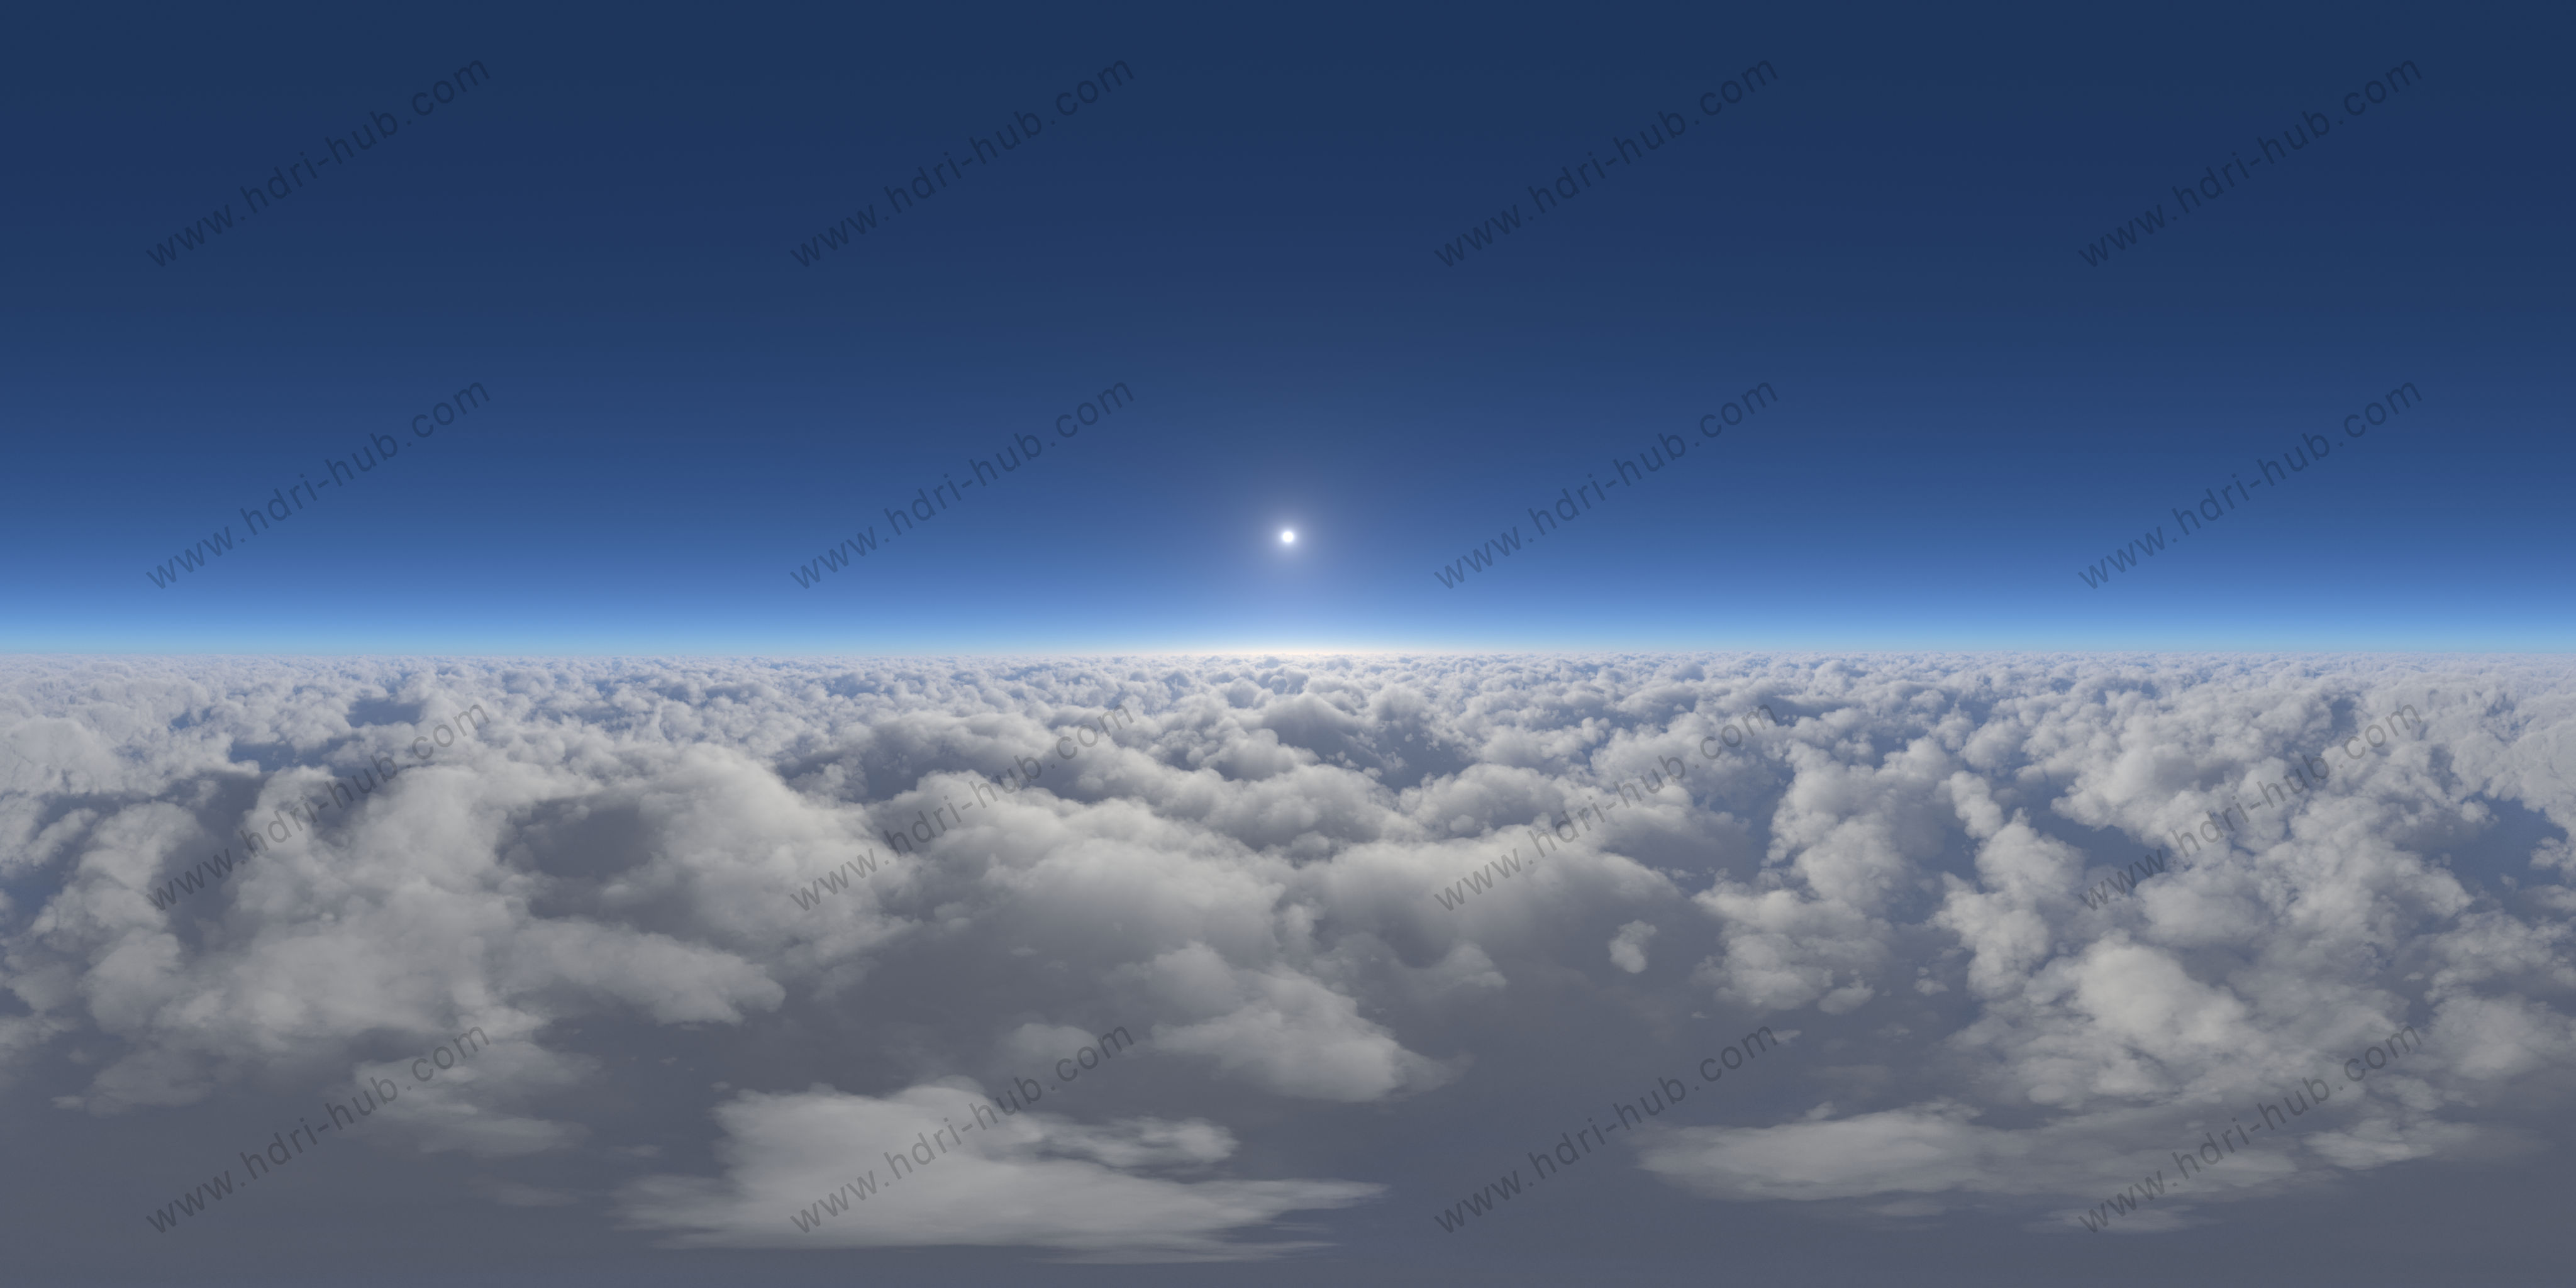 hdri sky